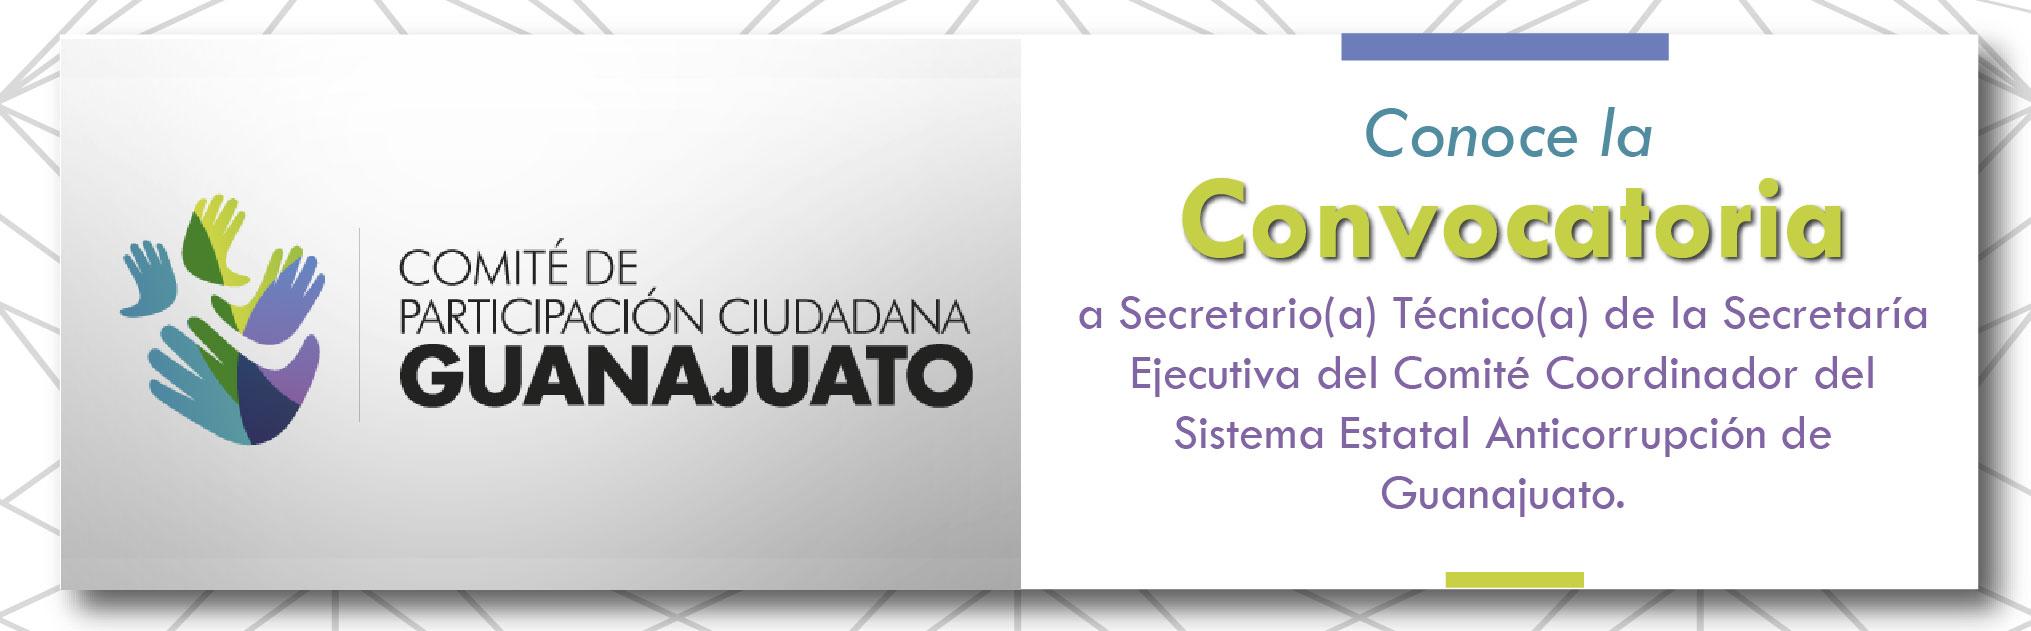 BANER COMITE CONVOCATORIA-01-2